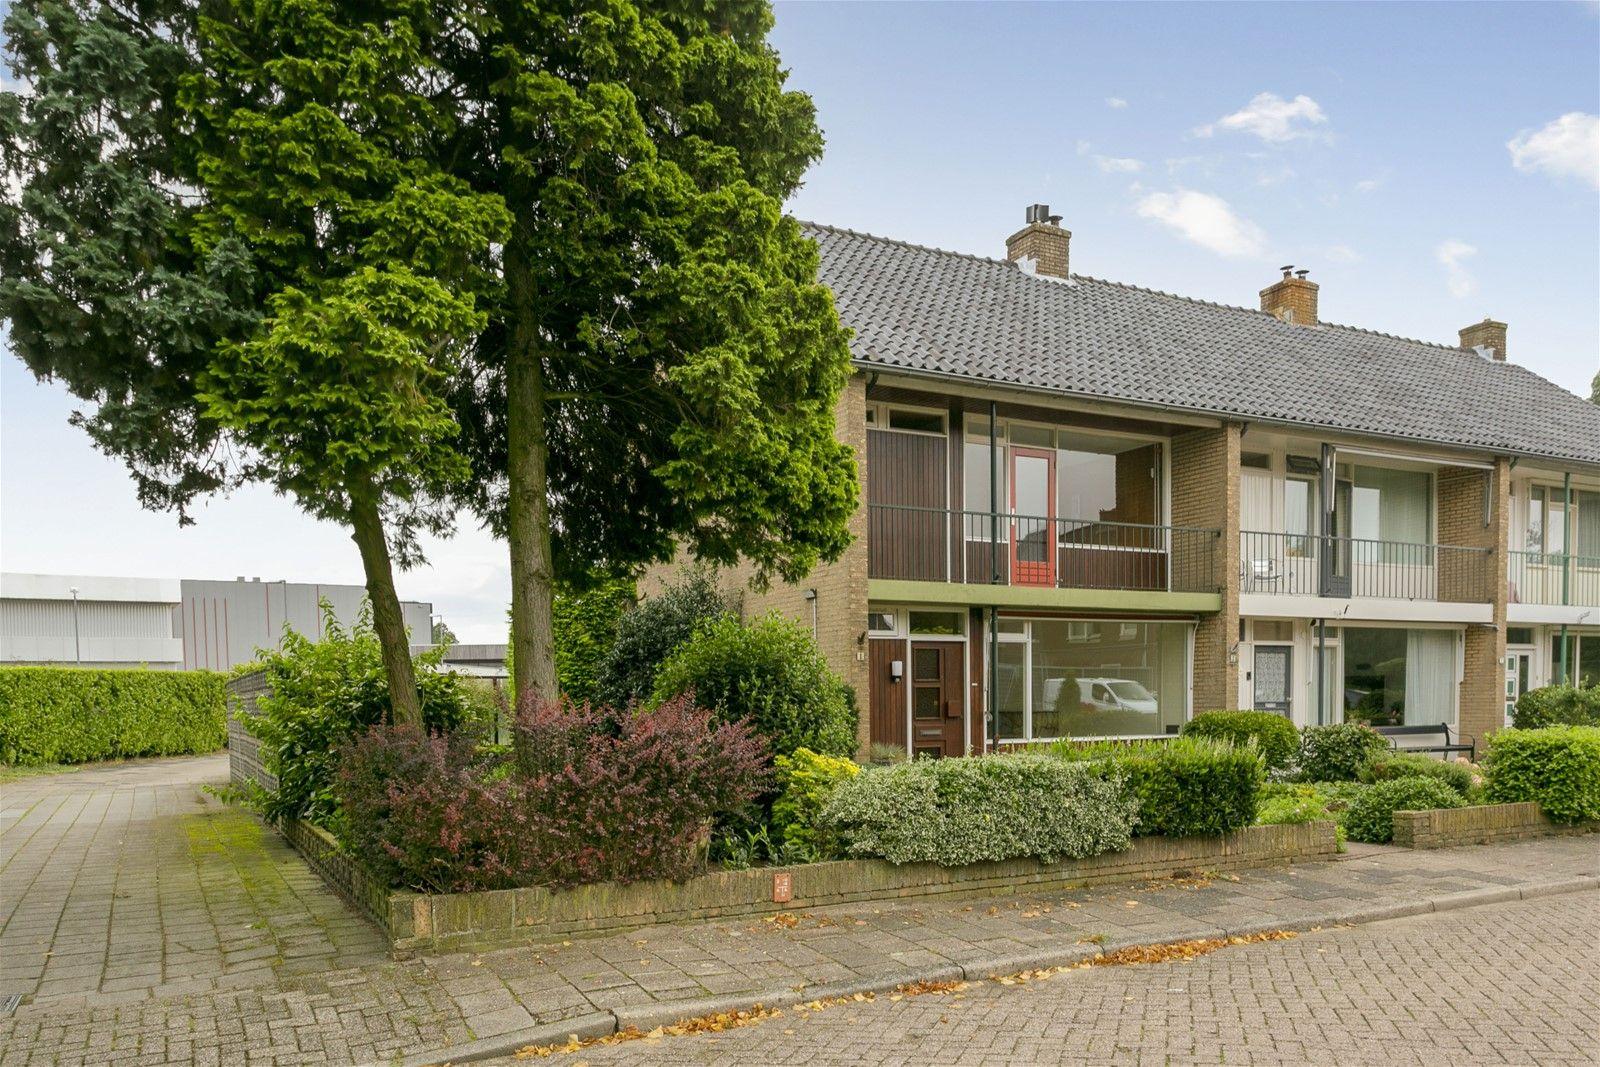 St. Jurrienstraat 1, Harderwijk